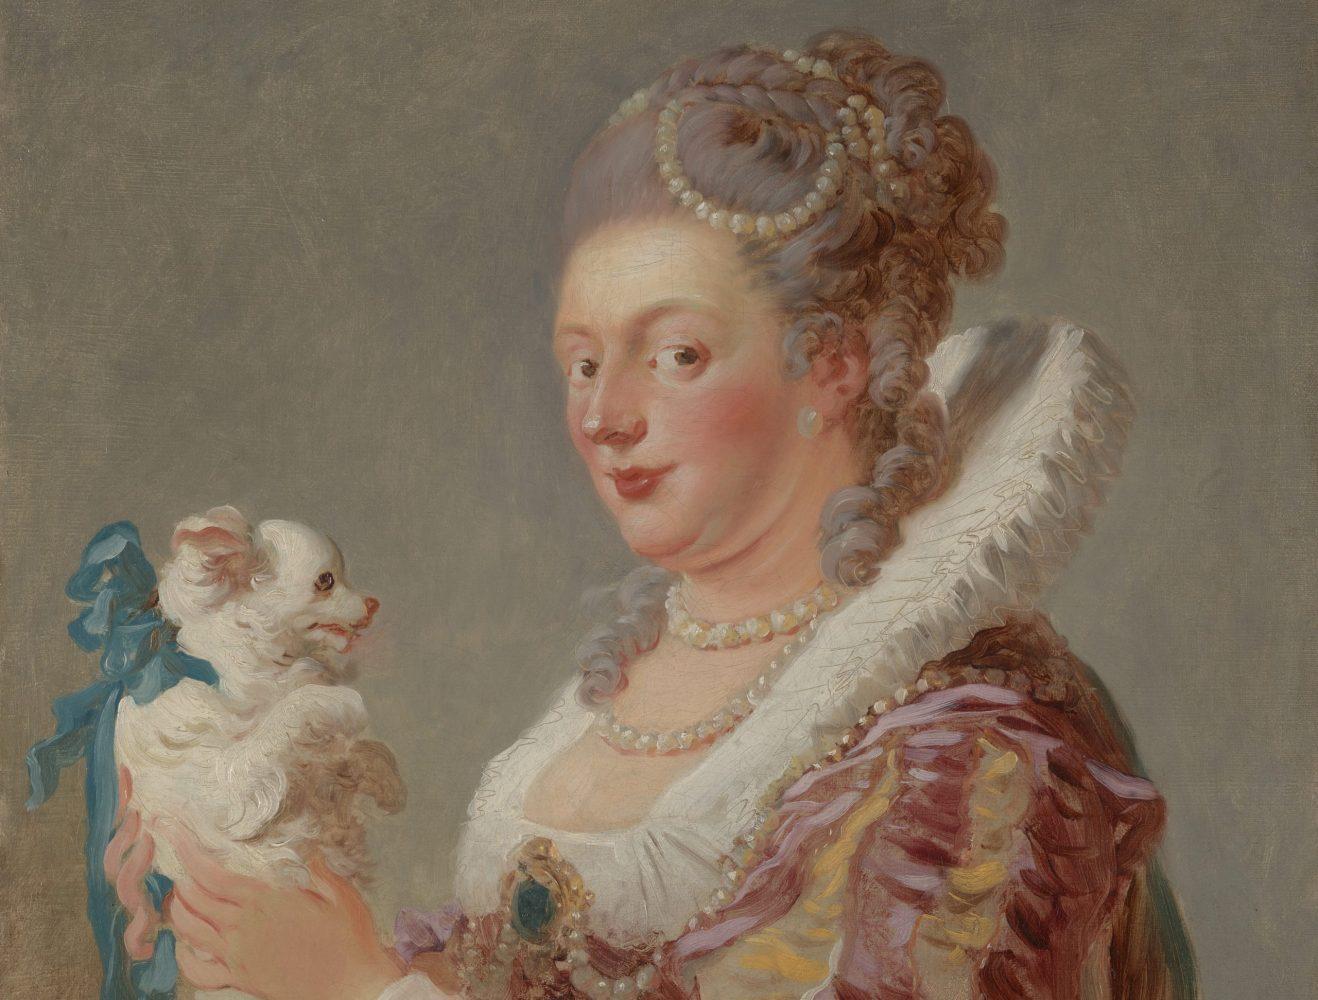 A Woman with a Dog, ca. 1769 by Jean Honoré Fragonard